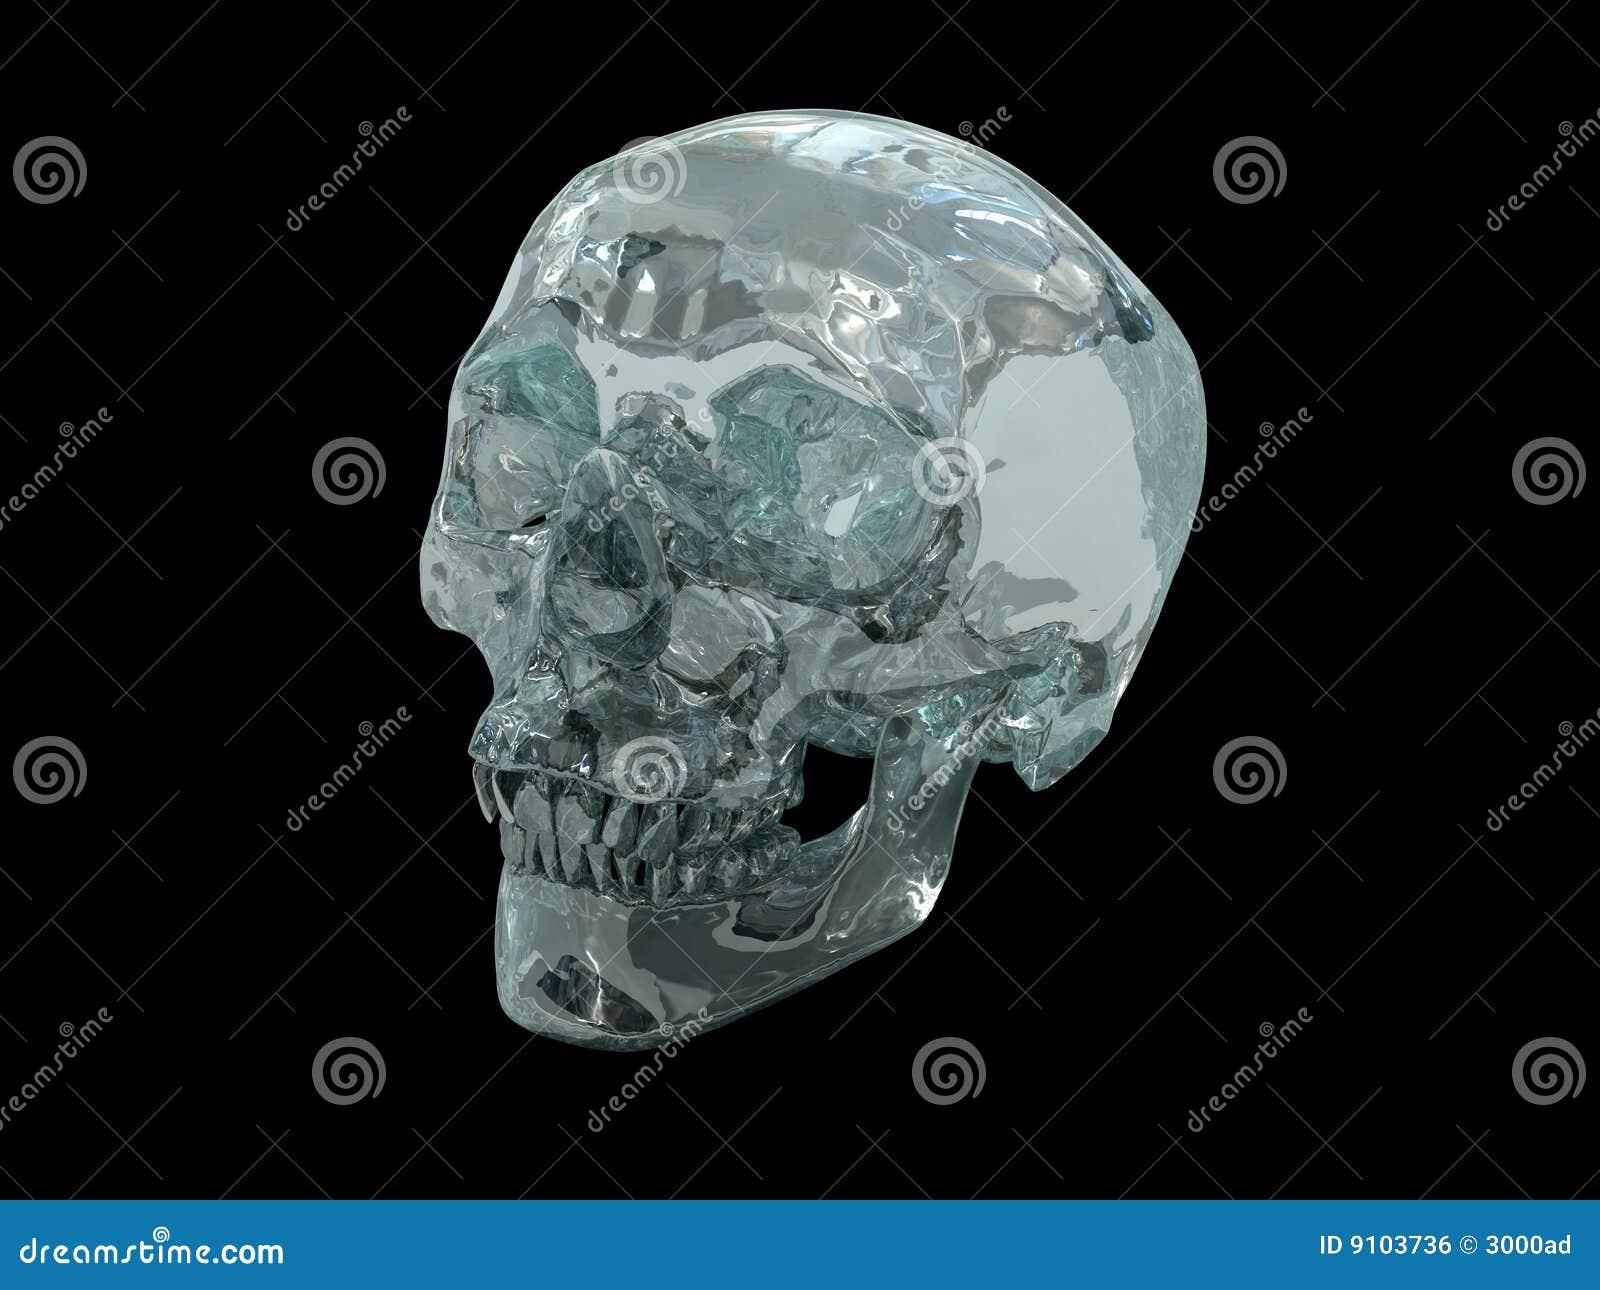 3D Model Of A Human Crystal Skull Stock Illustration